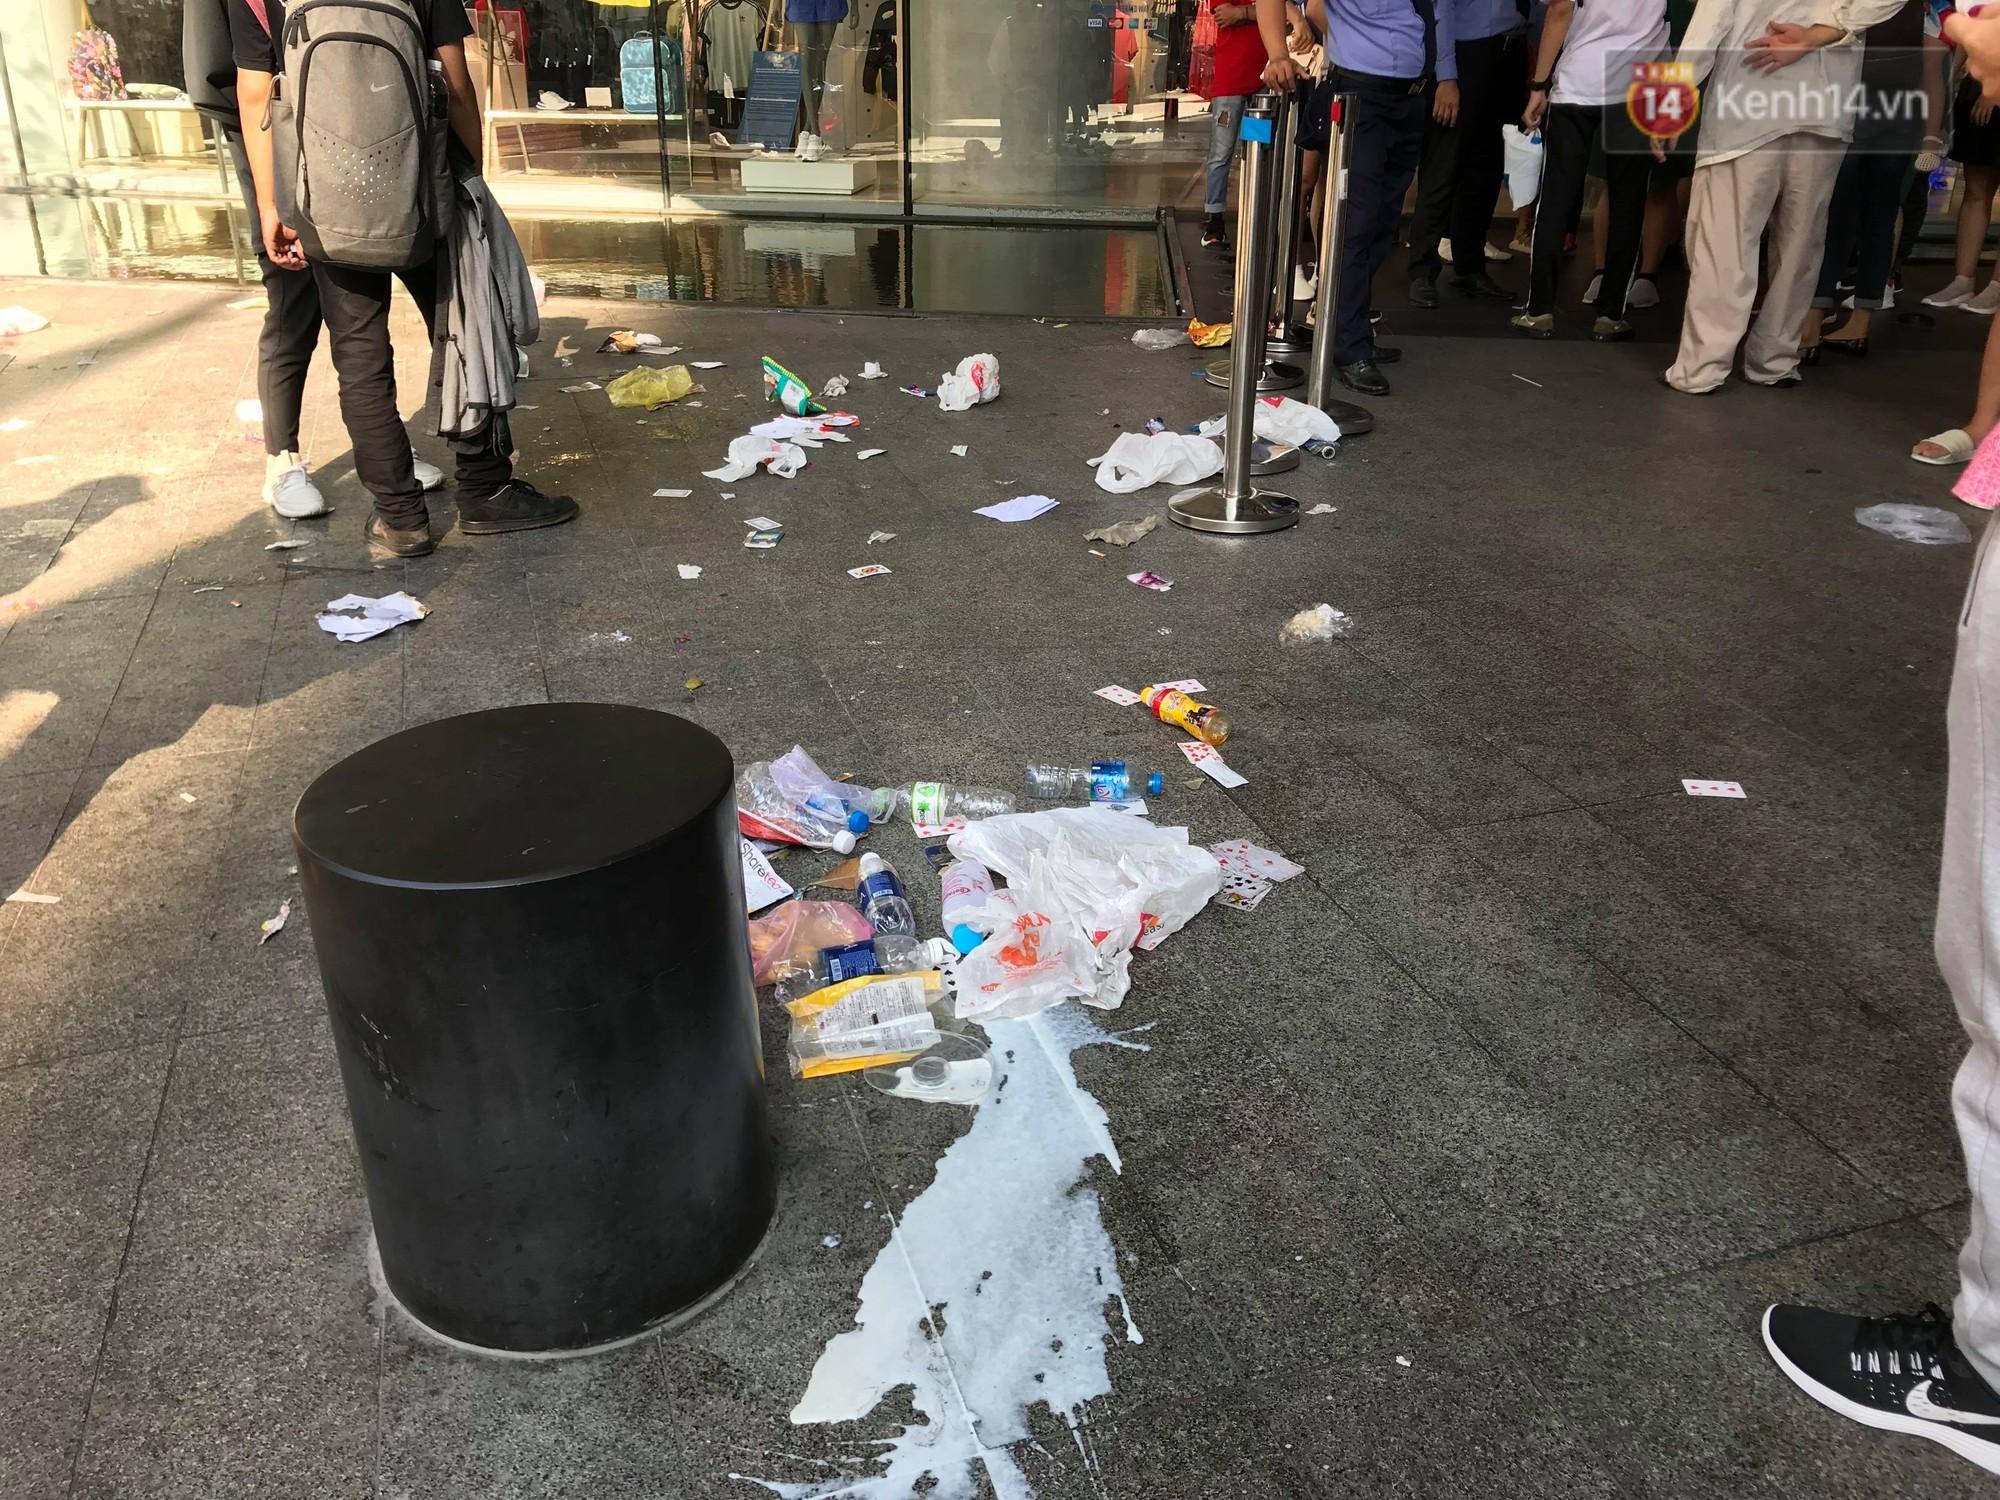 Ngao ngán cảnh vỏ túi nilon, chai nhựa... la liệt sau đêm xếp hàng canh mua giày Adidas của các bạn trẻ ở Sài Gòn - Ảnh 3.